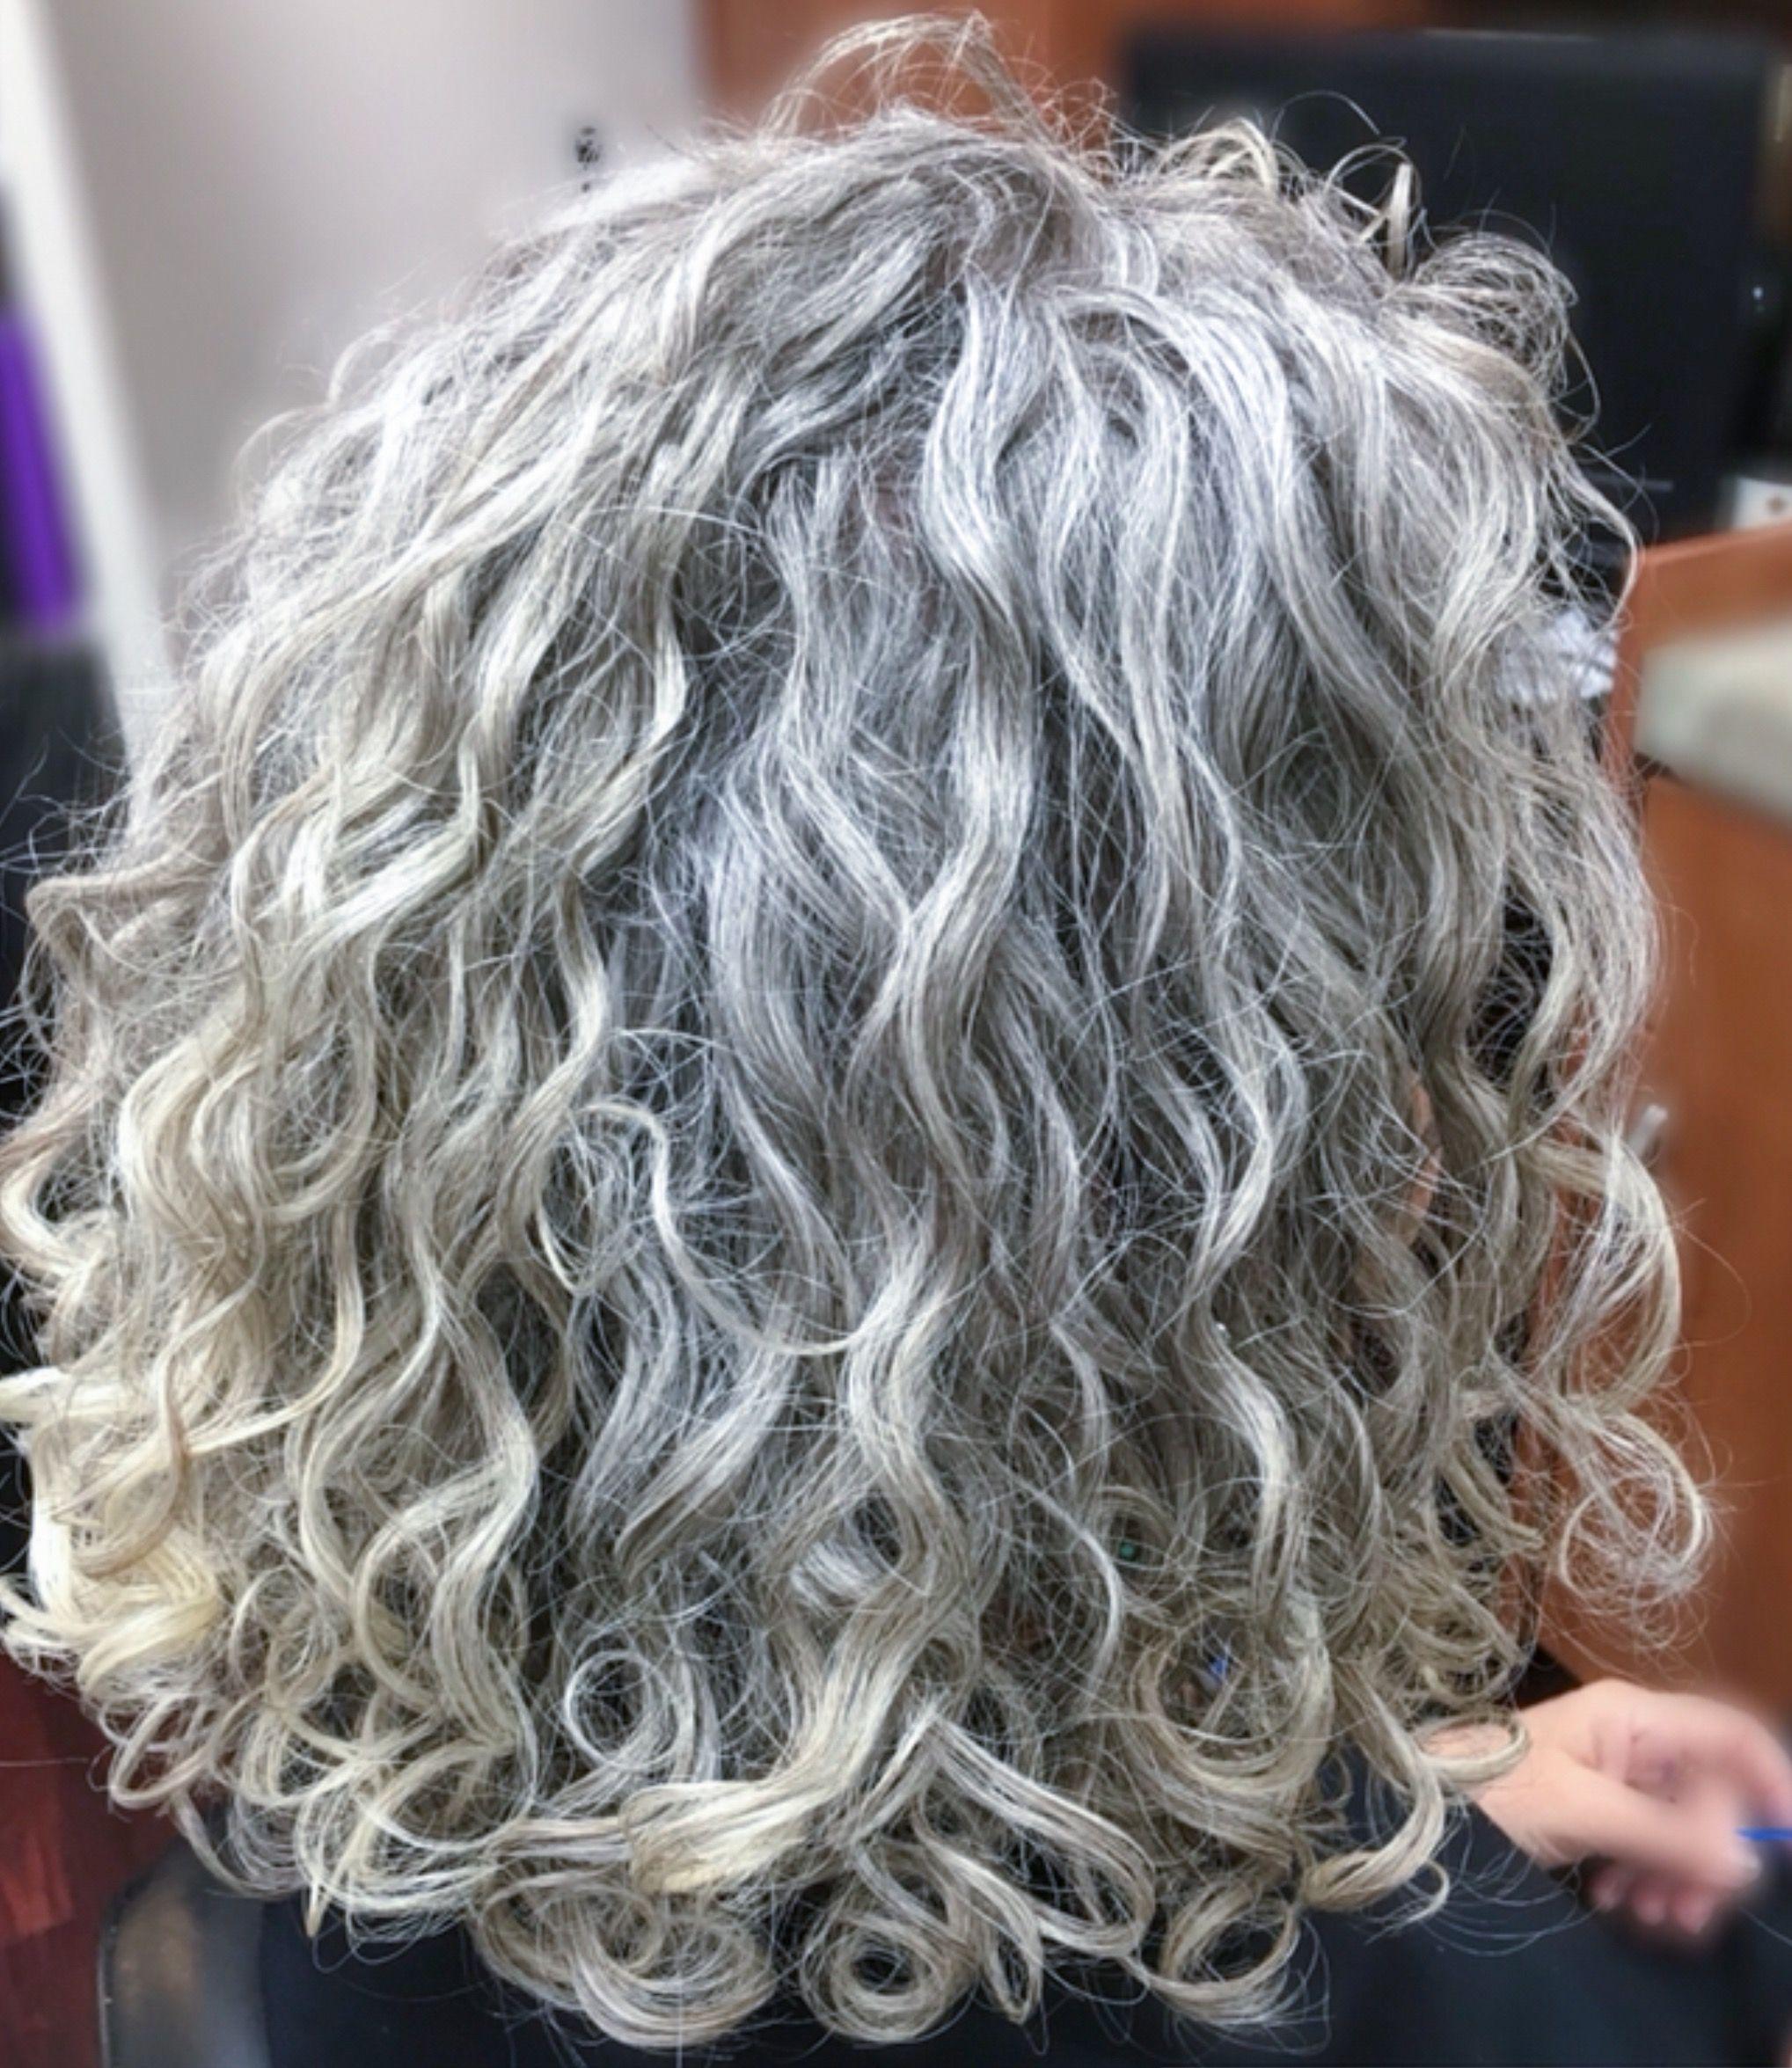 gray hair  grey curly hair natural gray hair long gray hair